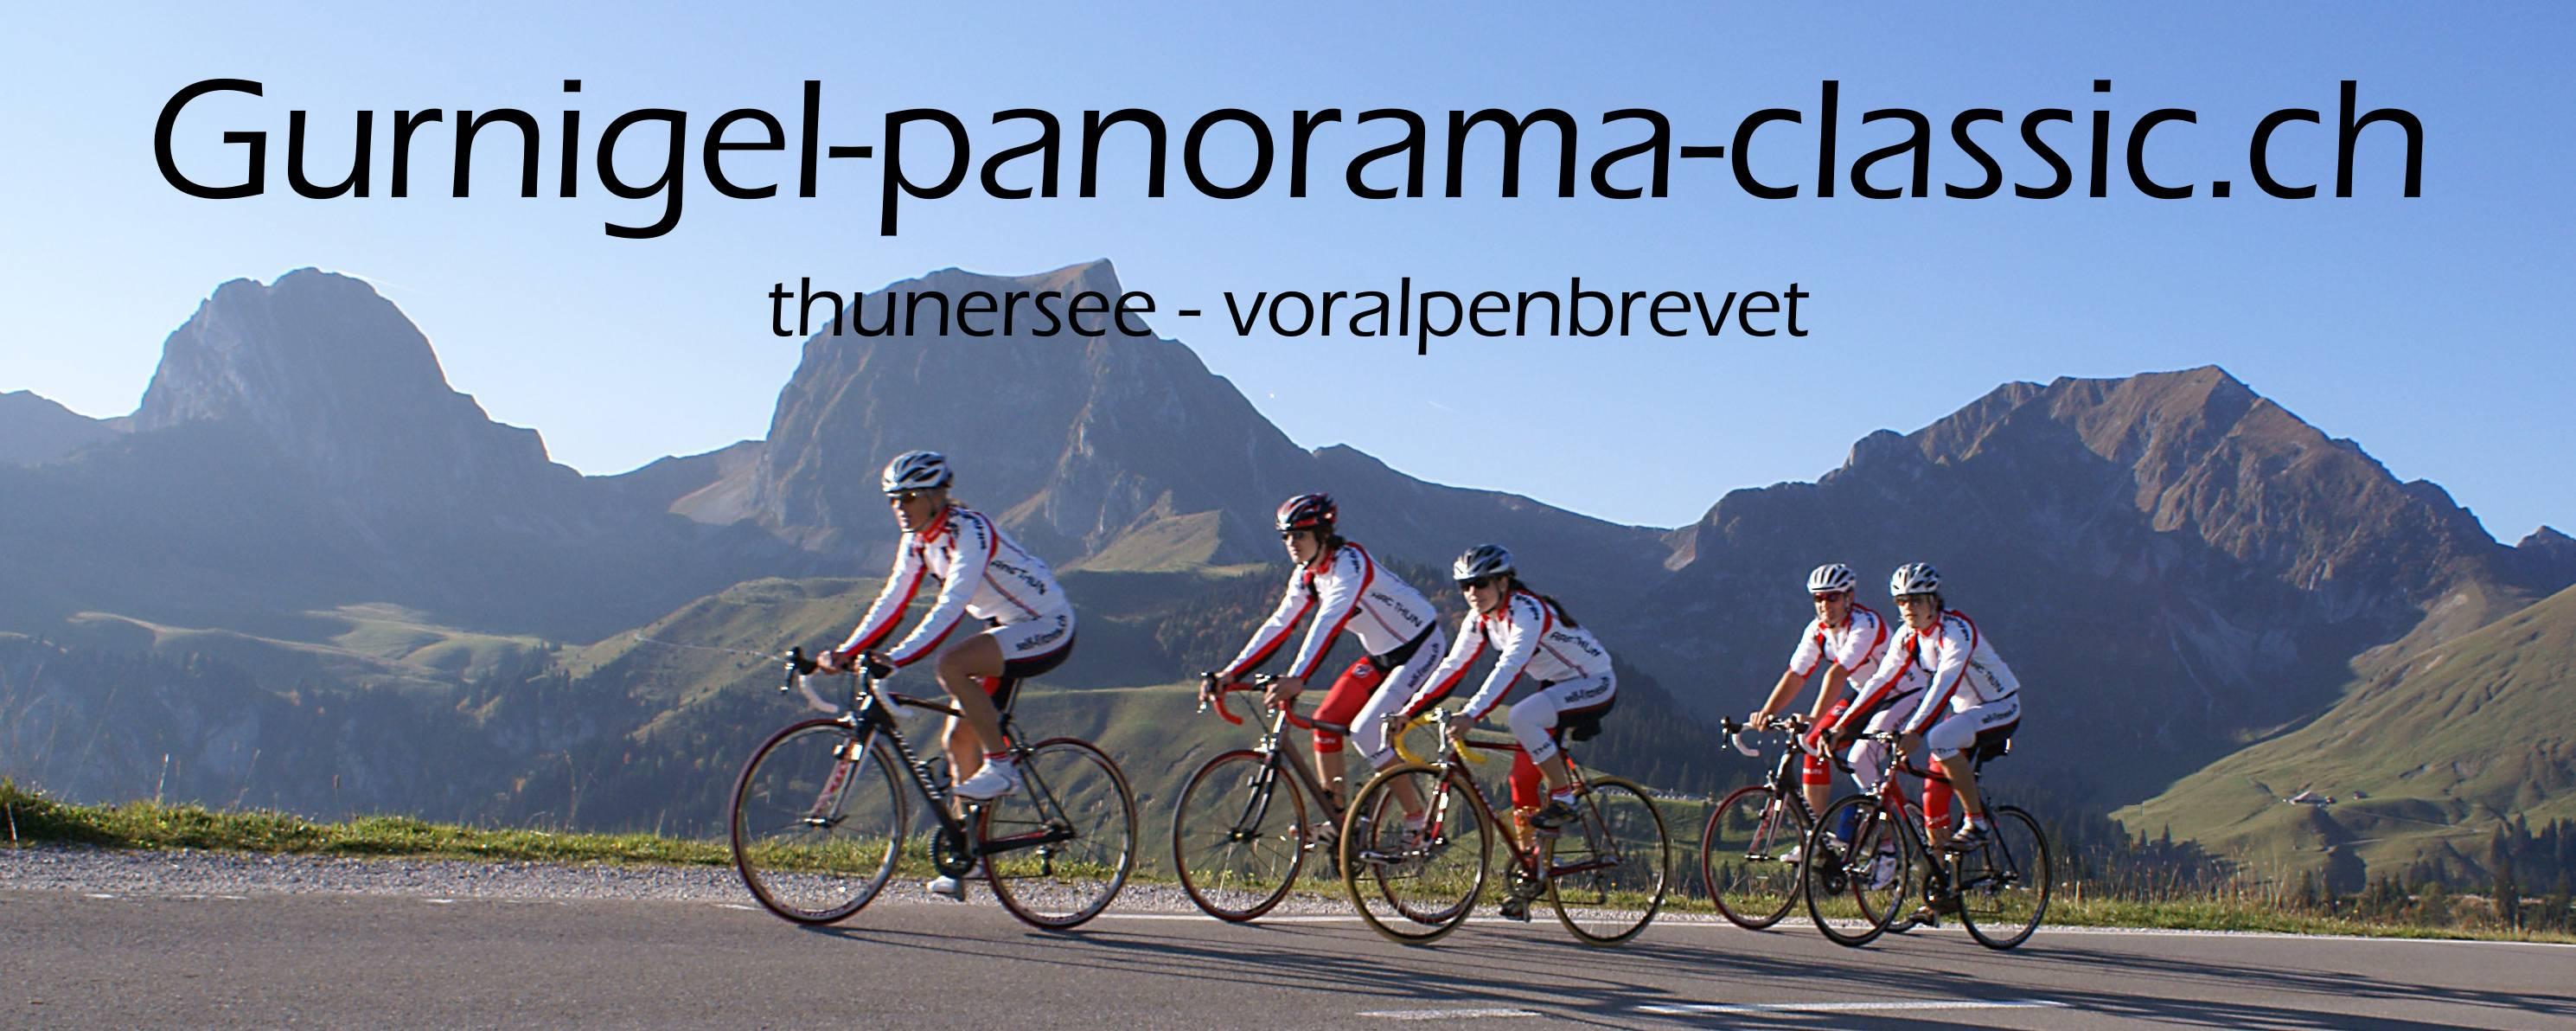 Panorama-Bild